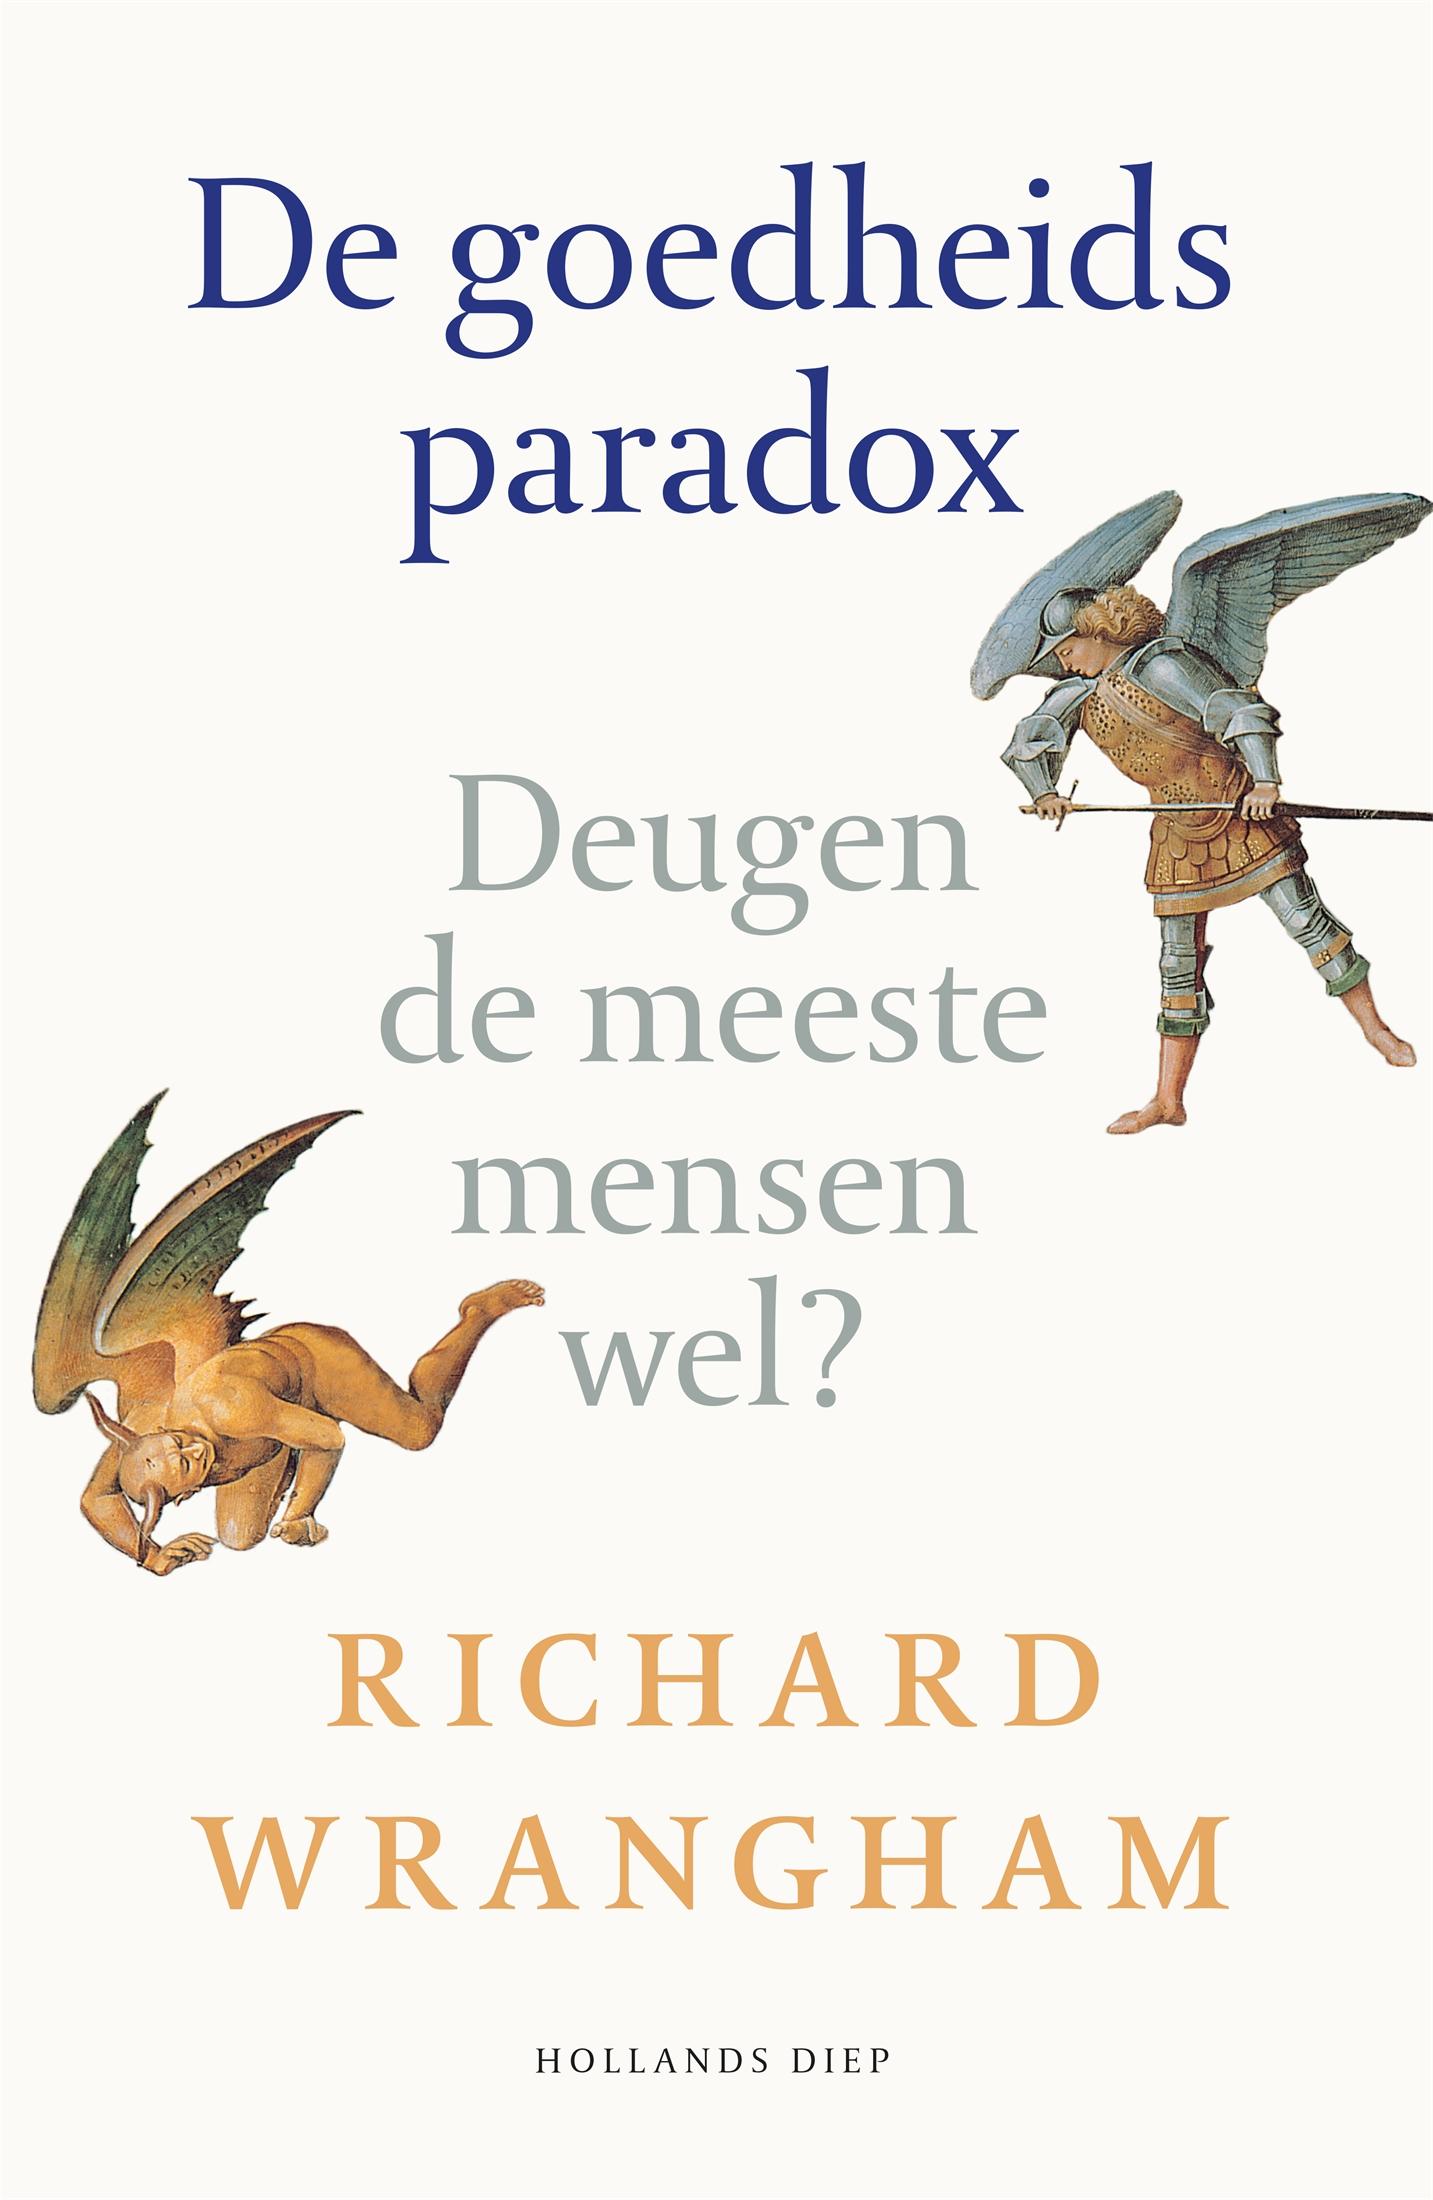 De goedheidsparadox - boekenflits